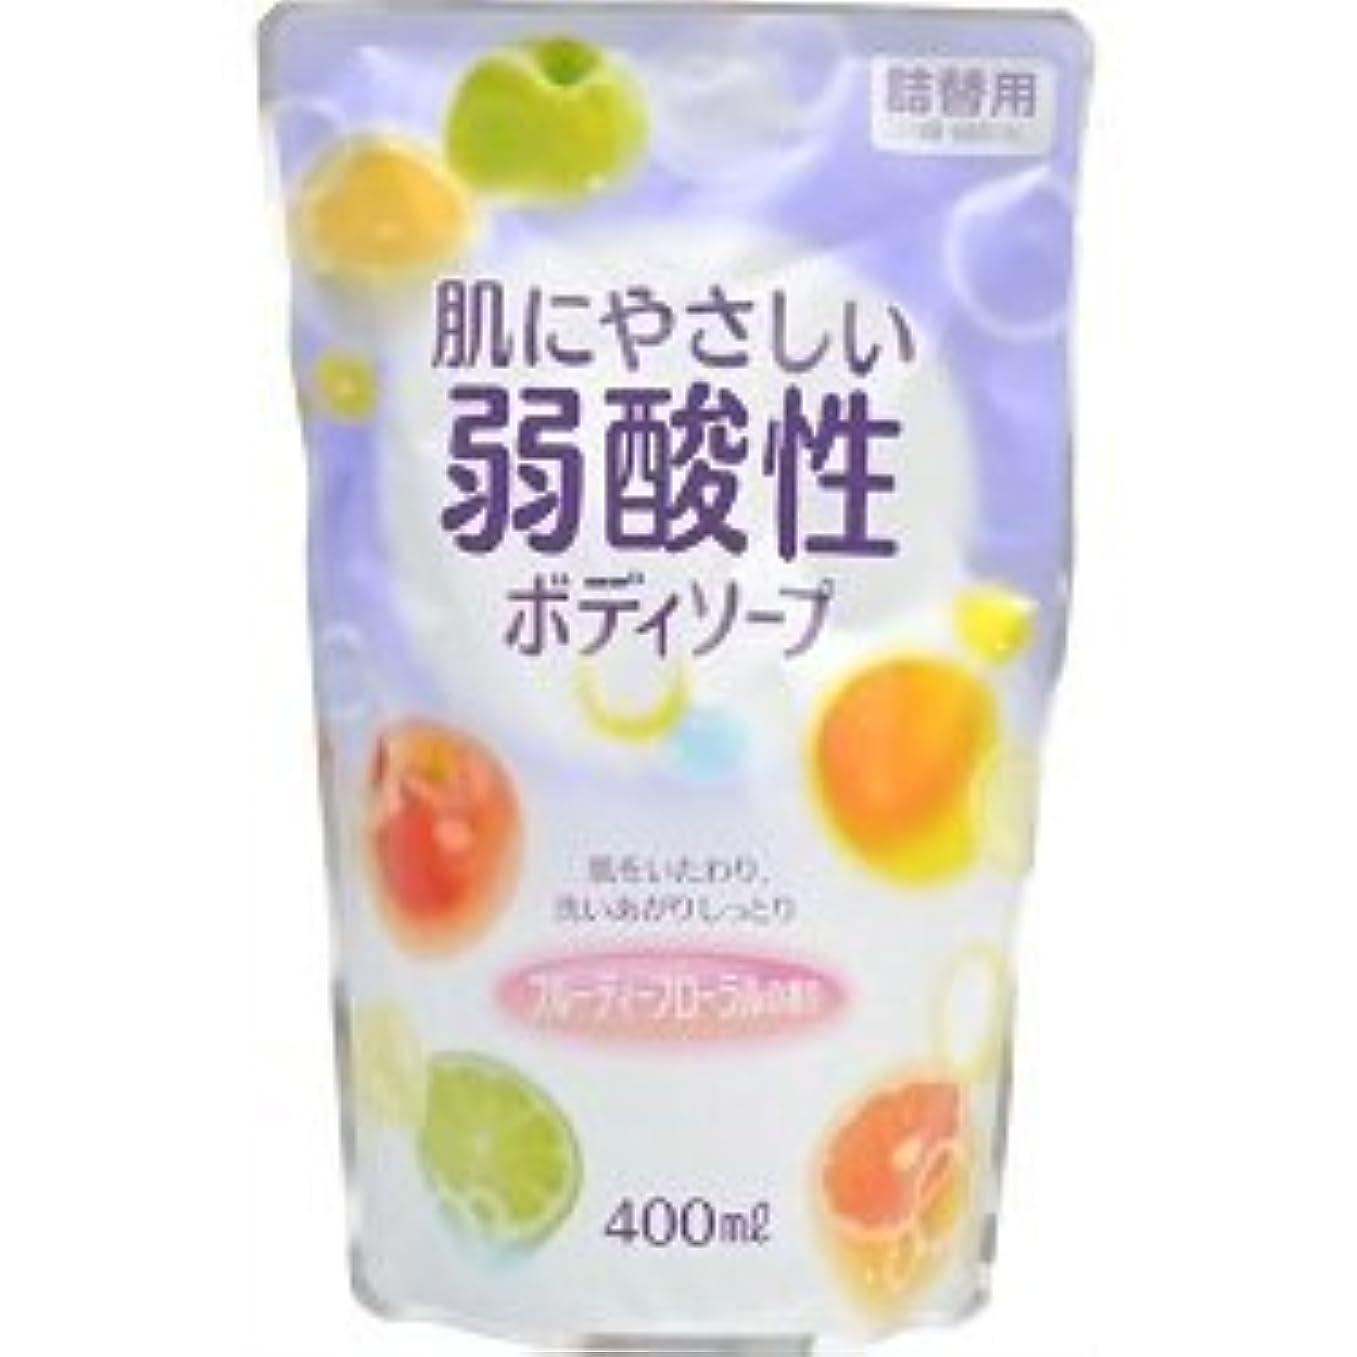 セラフ擬人提供された【エオリア】弱酸性ボディソープ フルーティフローラルの香り 詰替用 400ml ×10個セット